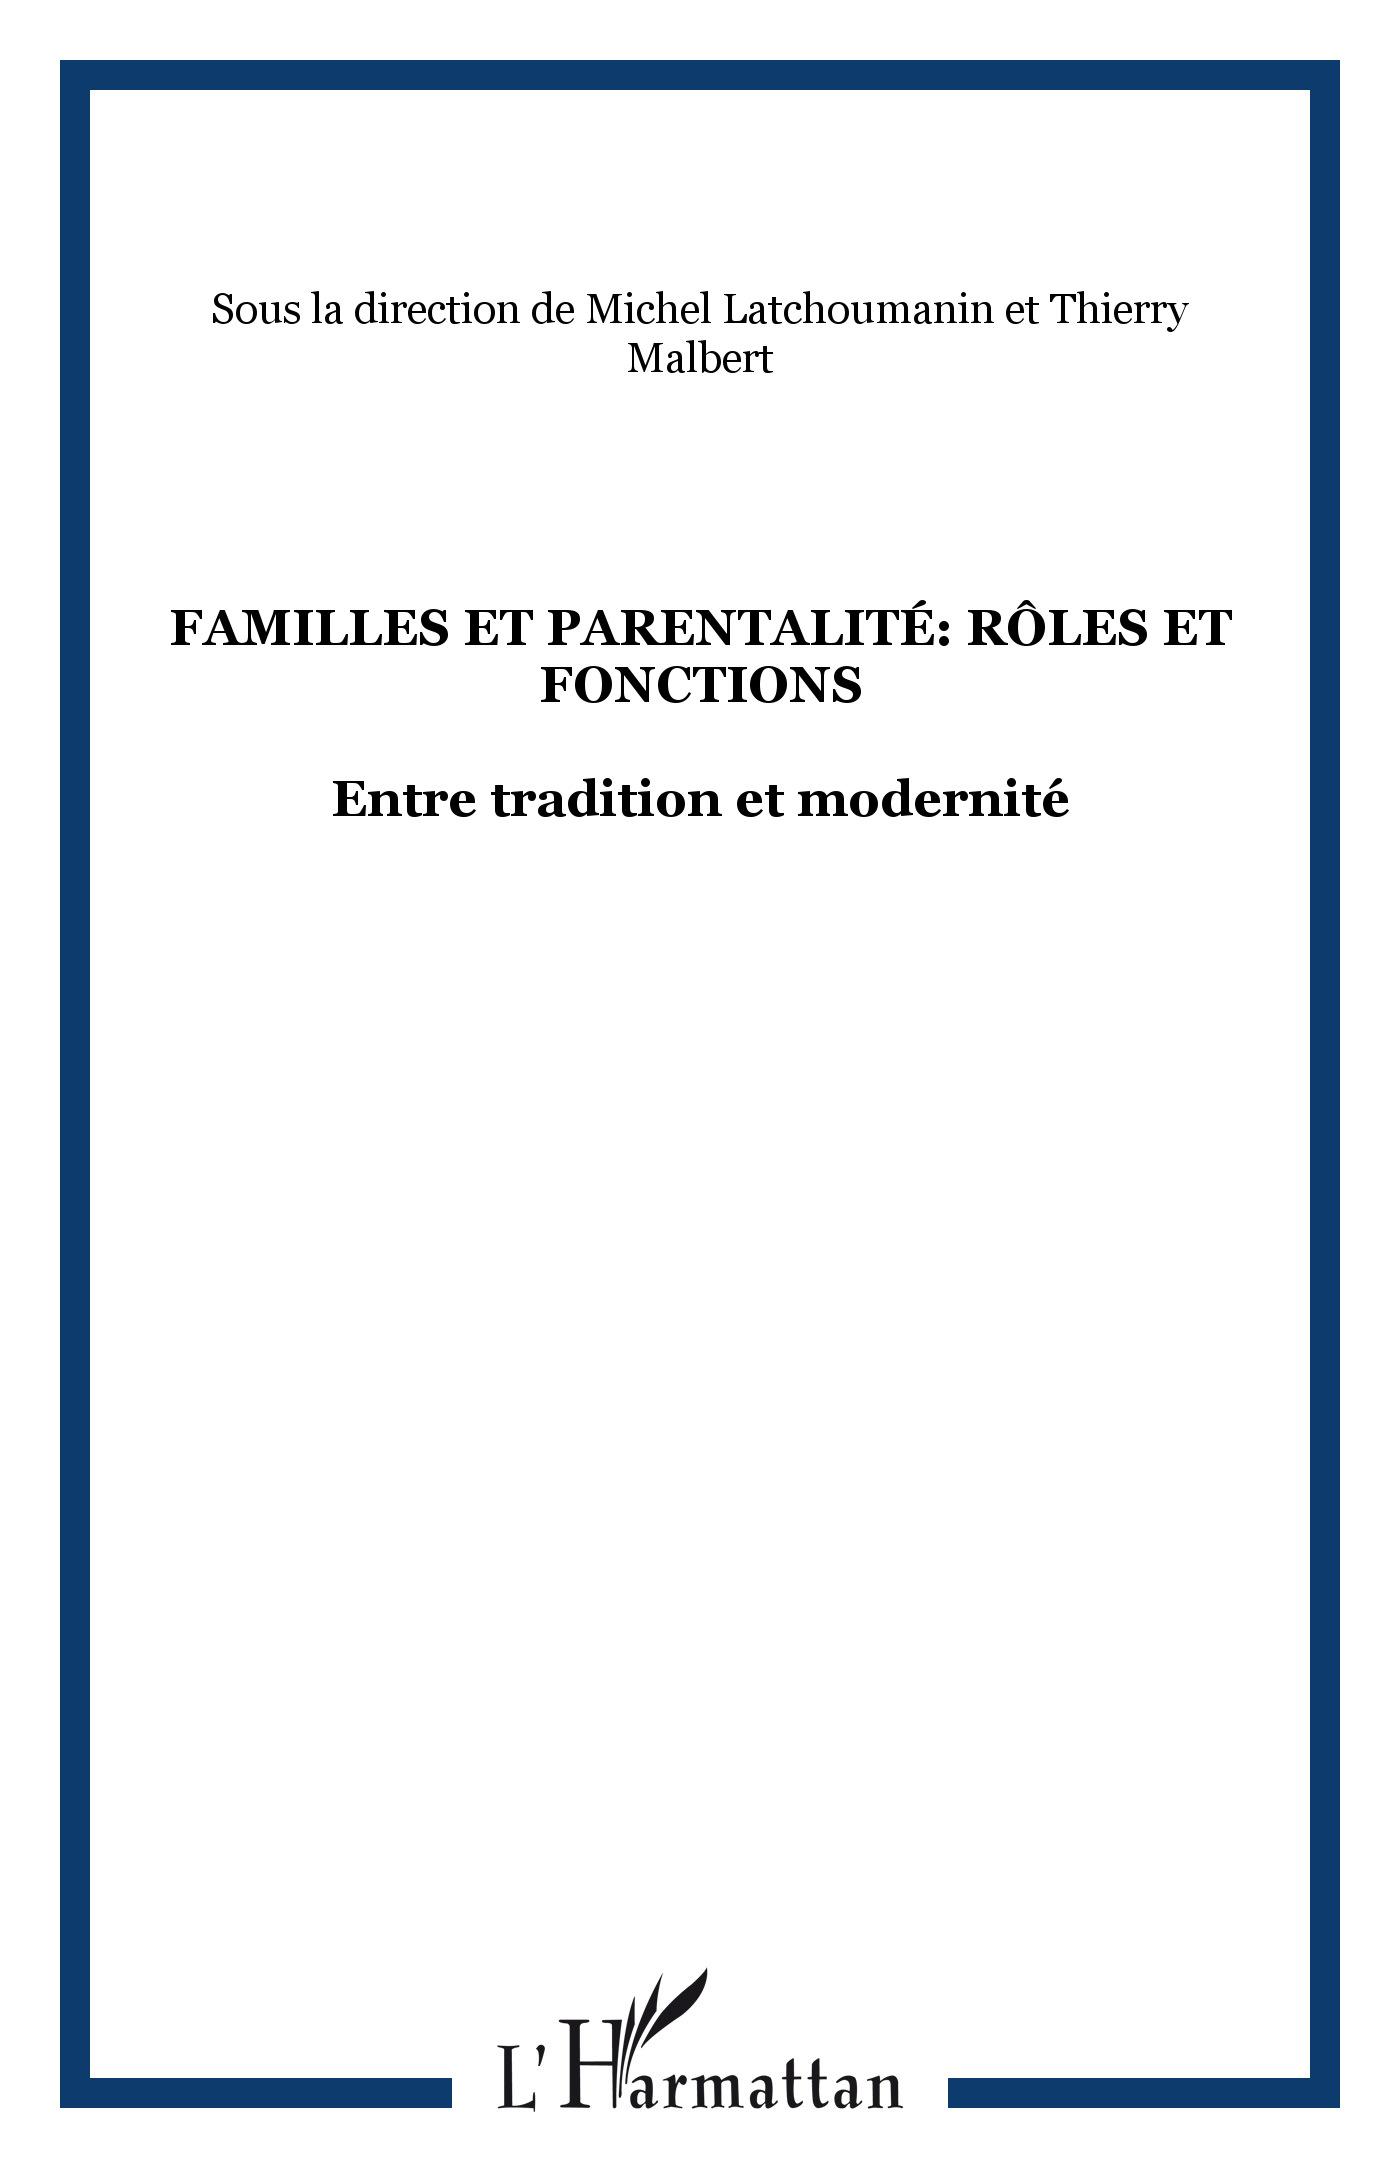 """""""Familles et parentalité : rôles et fonctions entre tradition et modernité"""